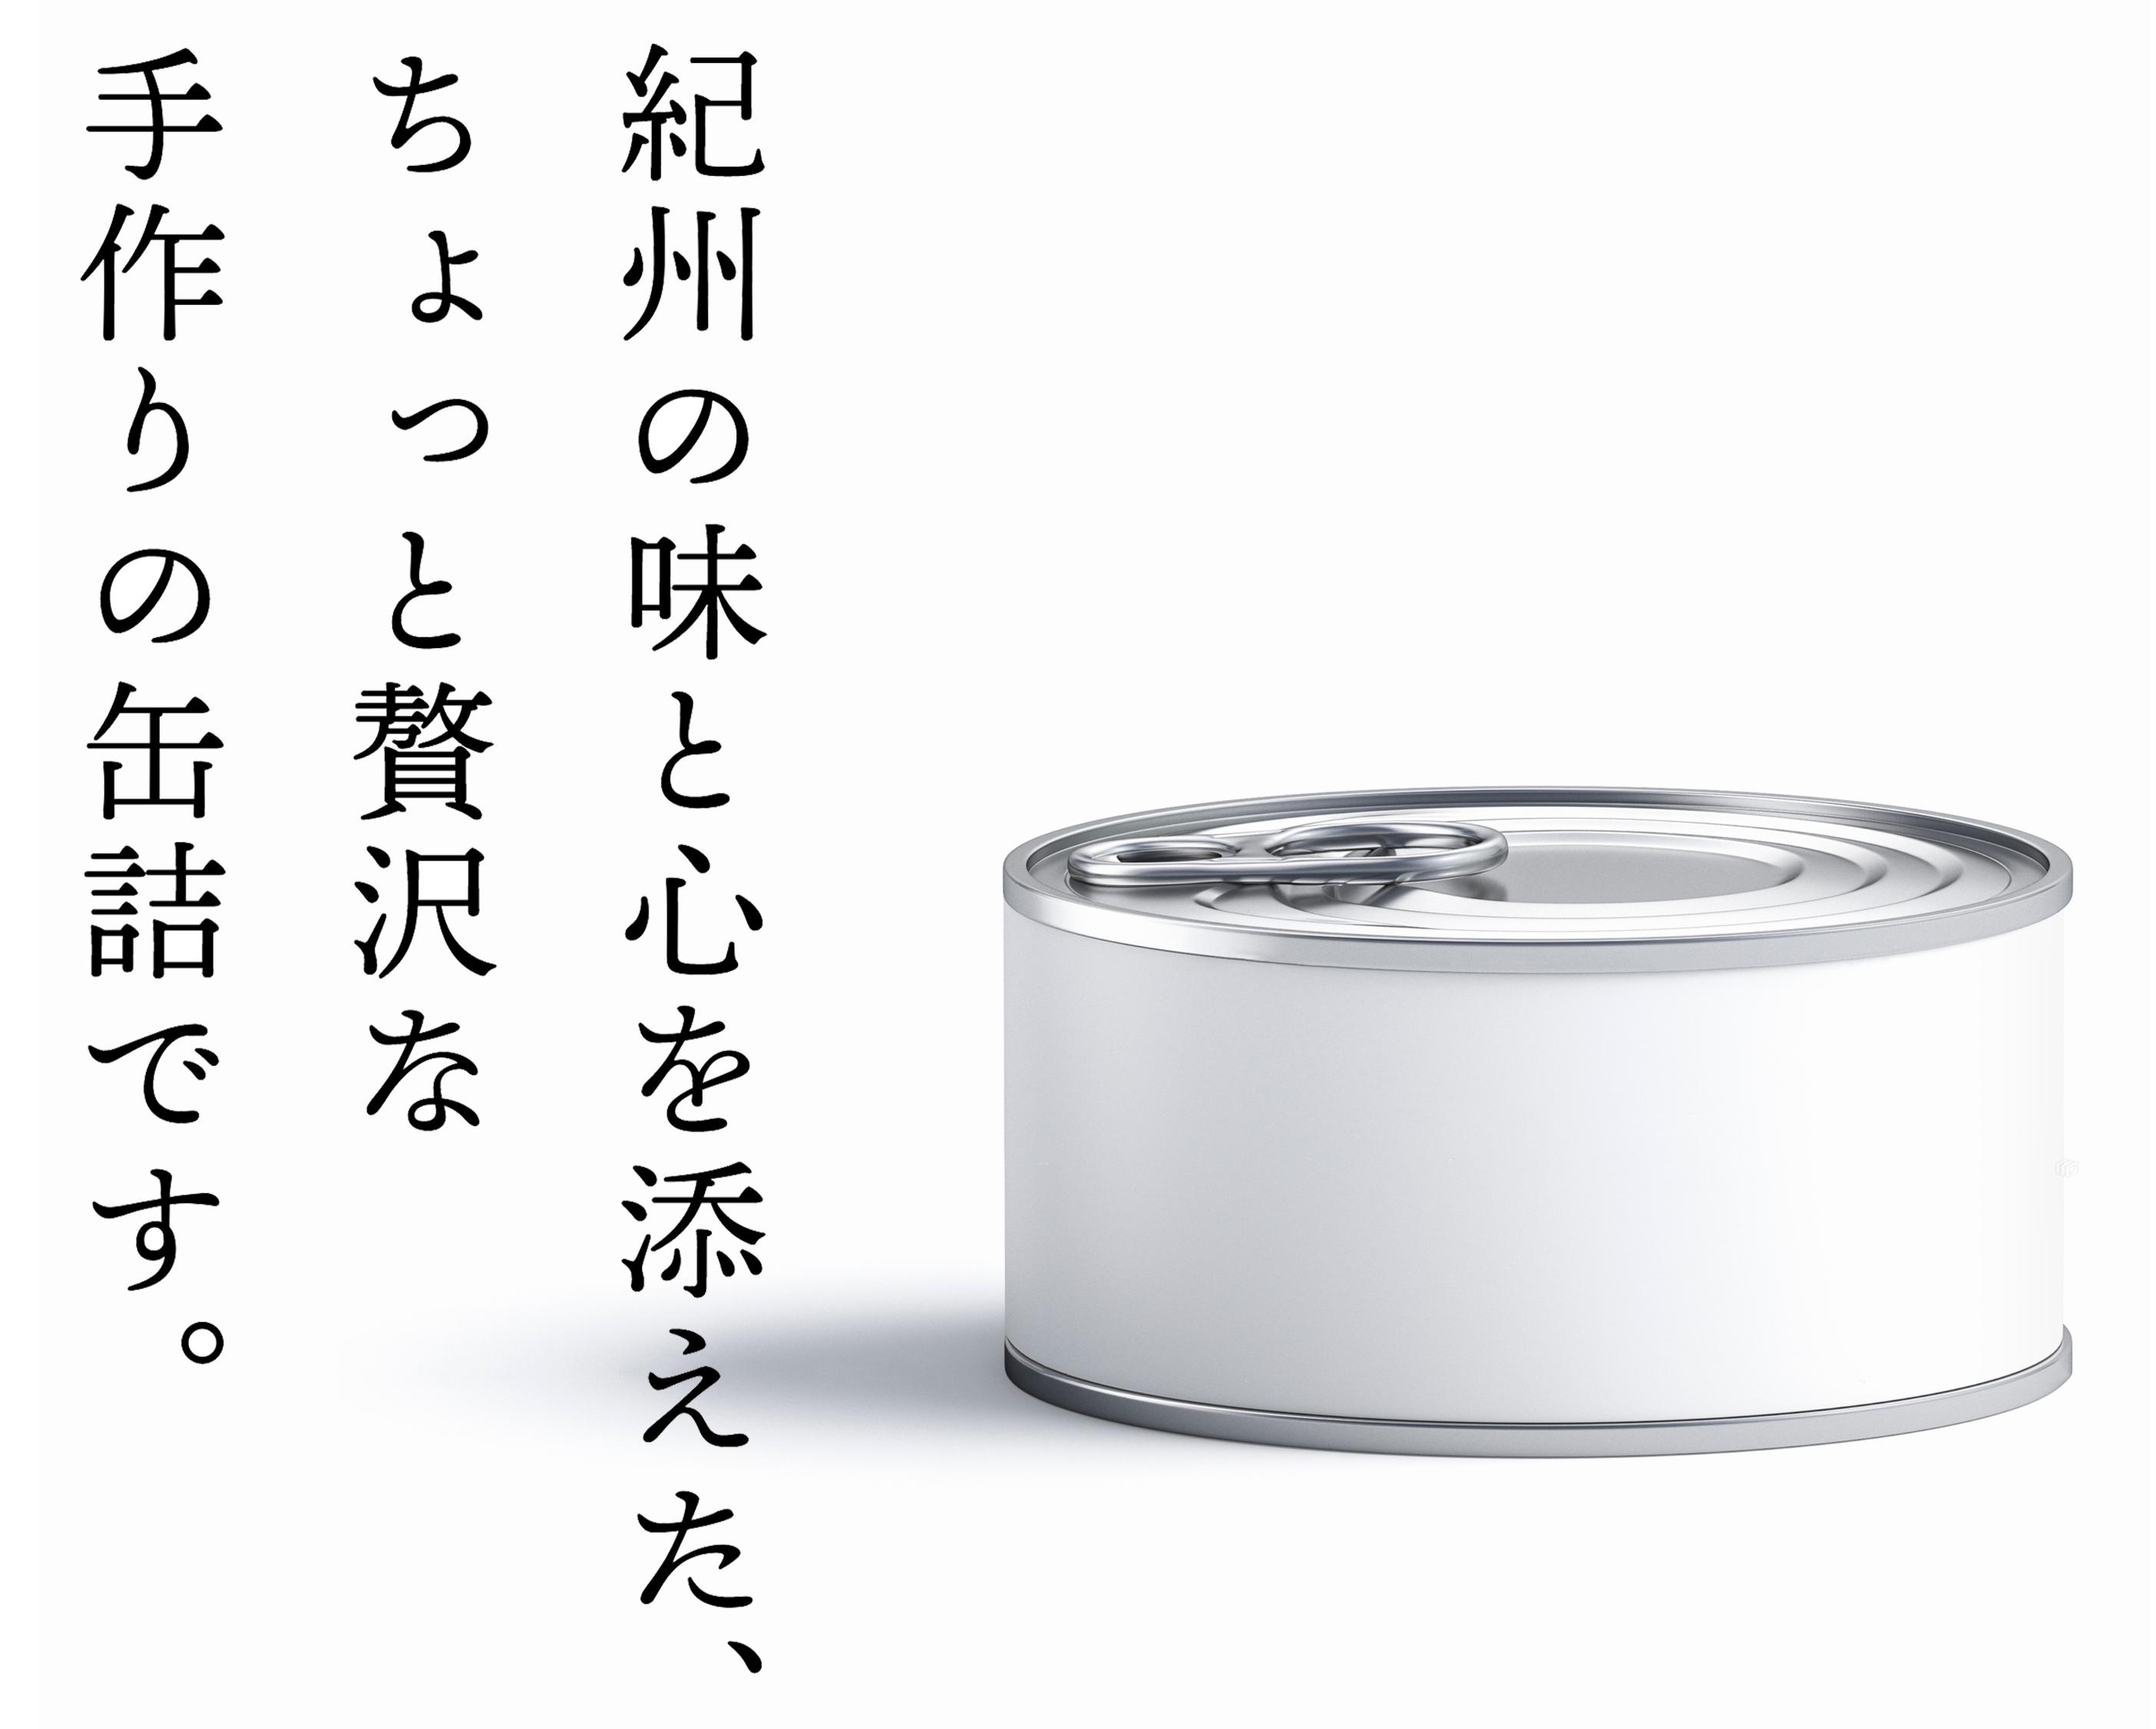 那智勝浦町 缶詰